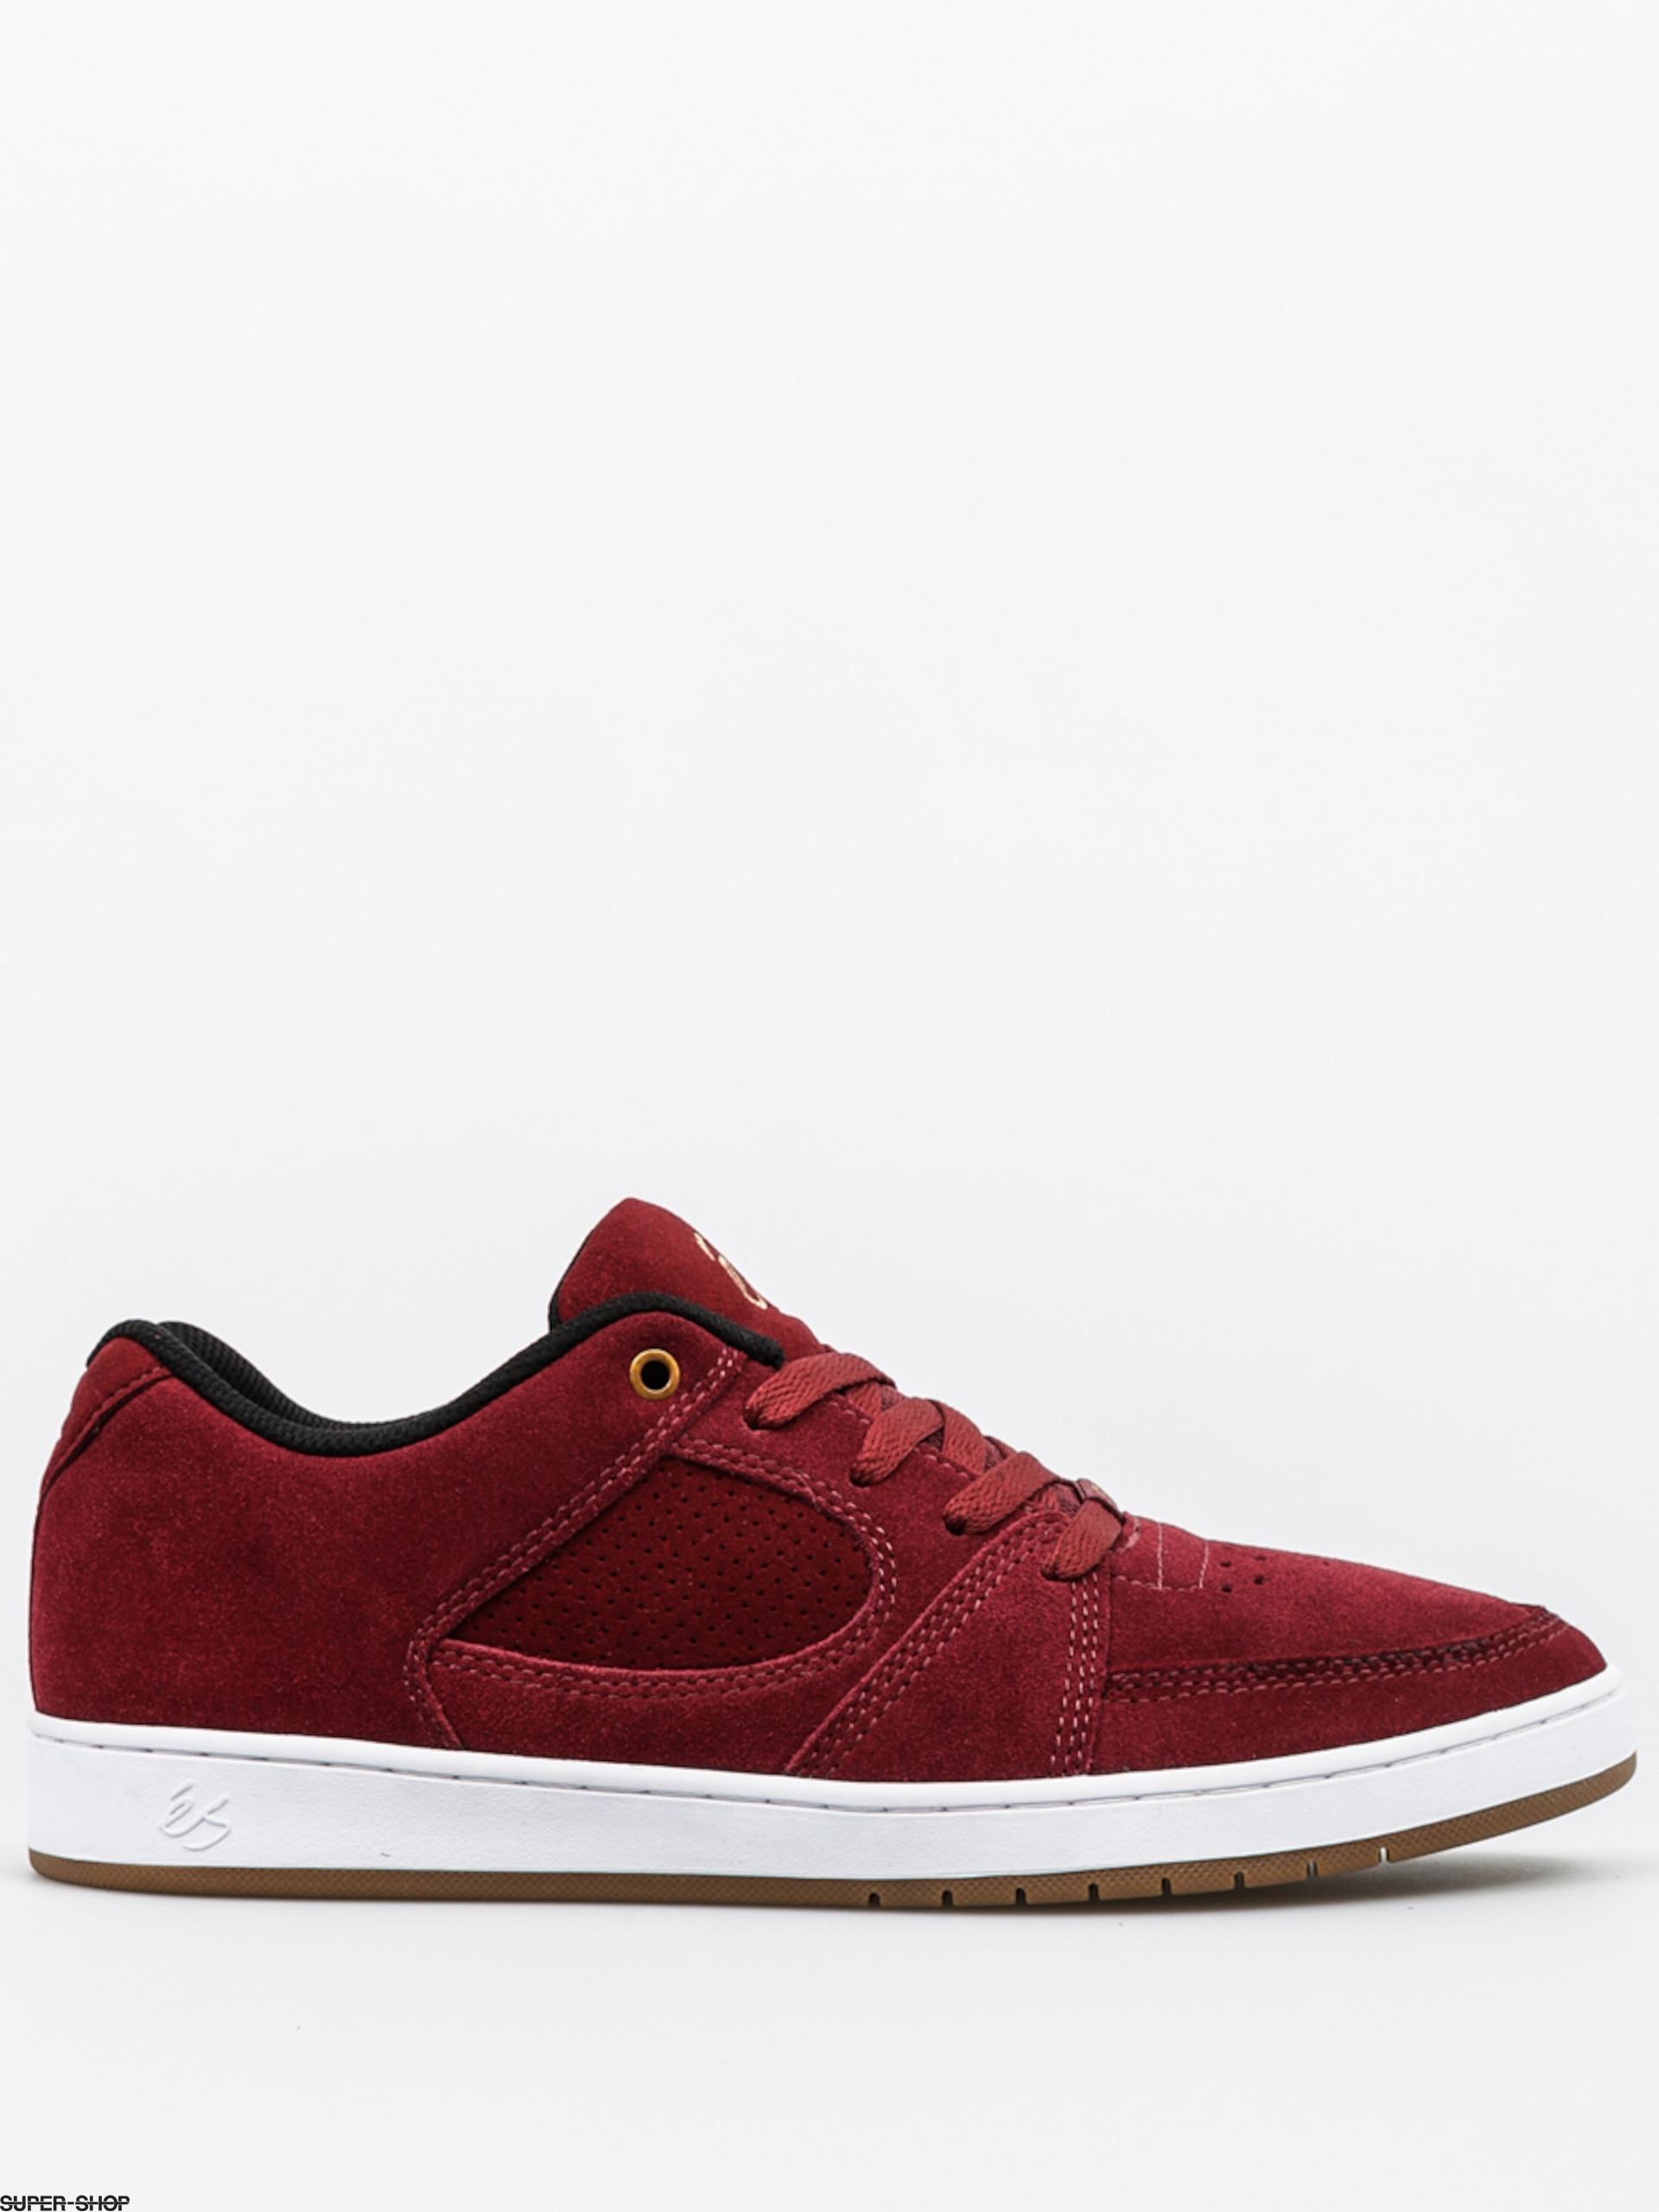 Es Shoes Accel Slim (burgundy)